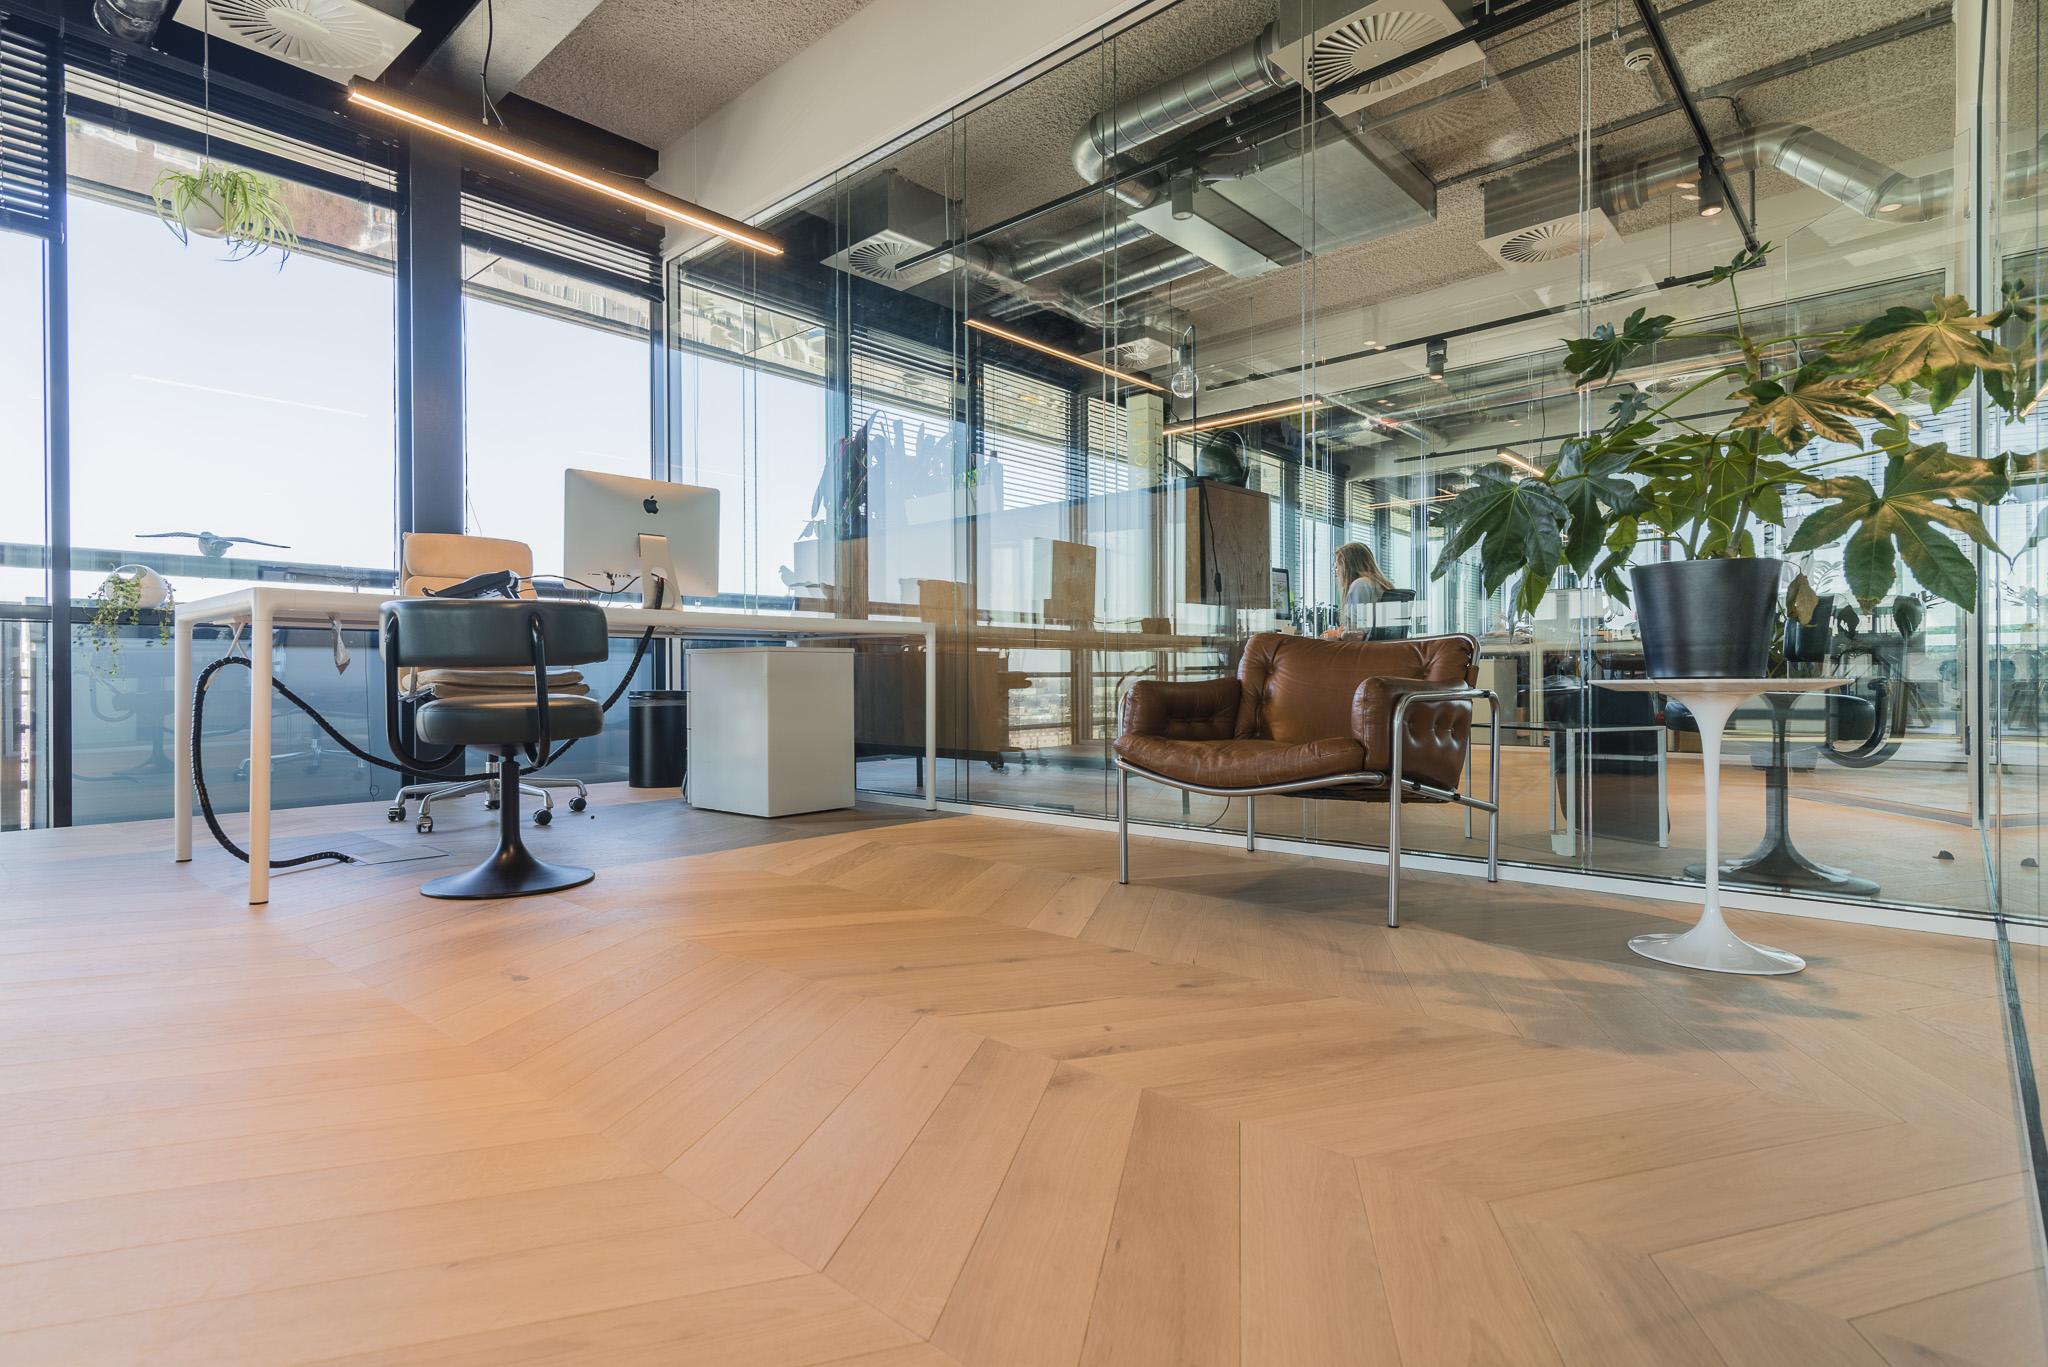 De vloer komt fantastisch uit in dit stijlvolle kantoor.